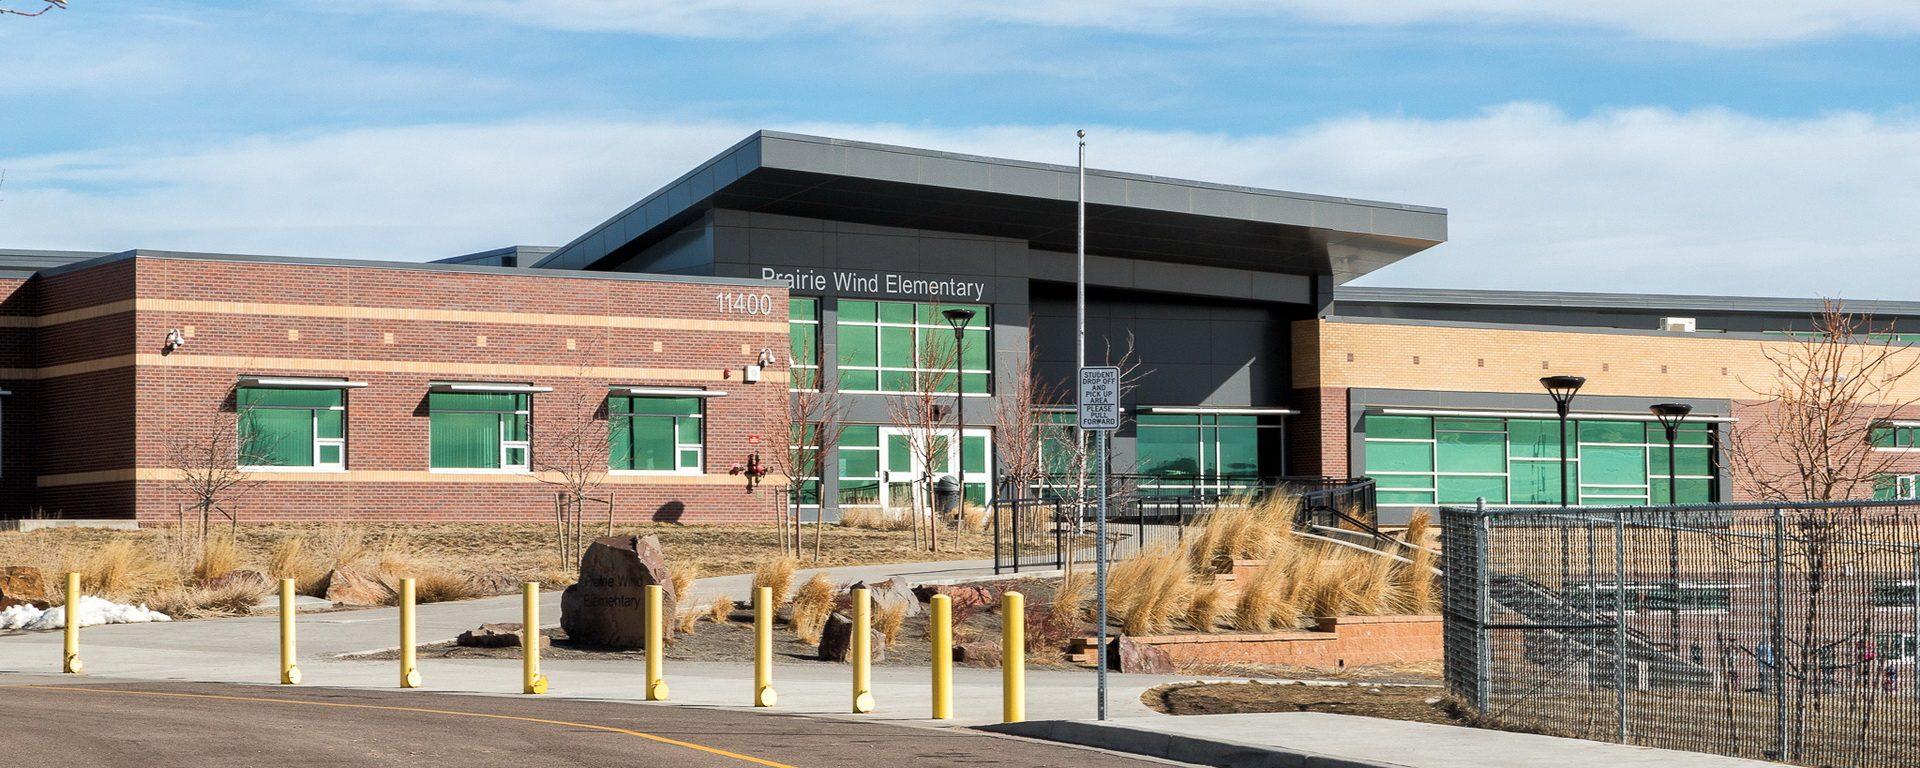 Prairie Wind Elementary School